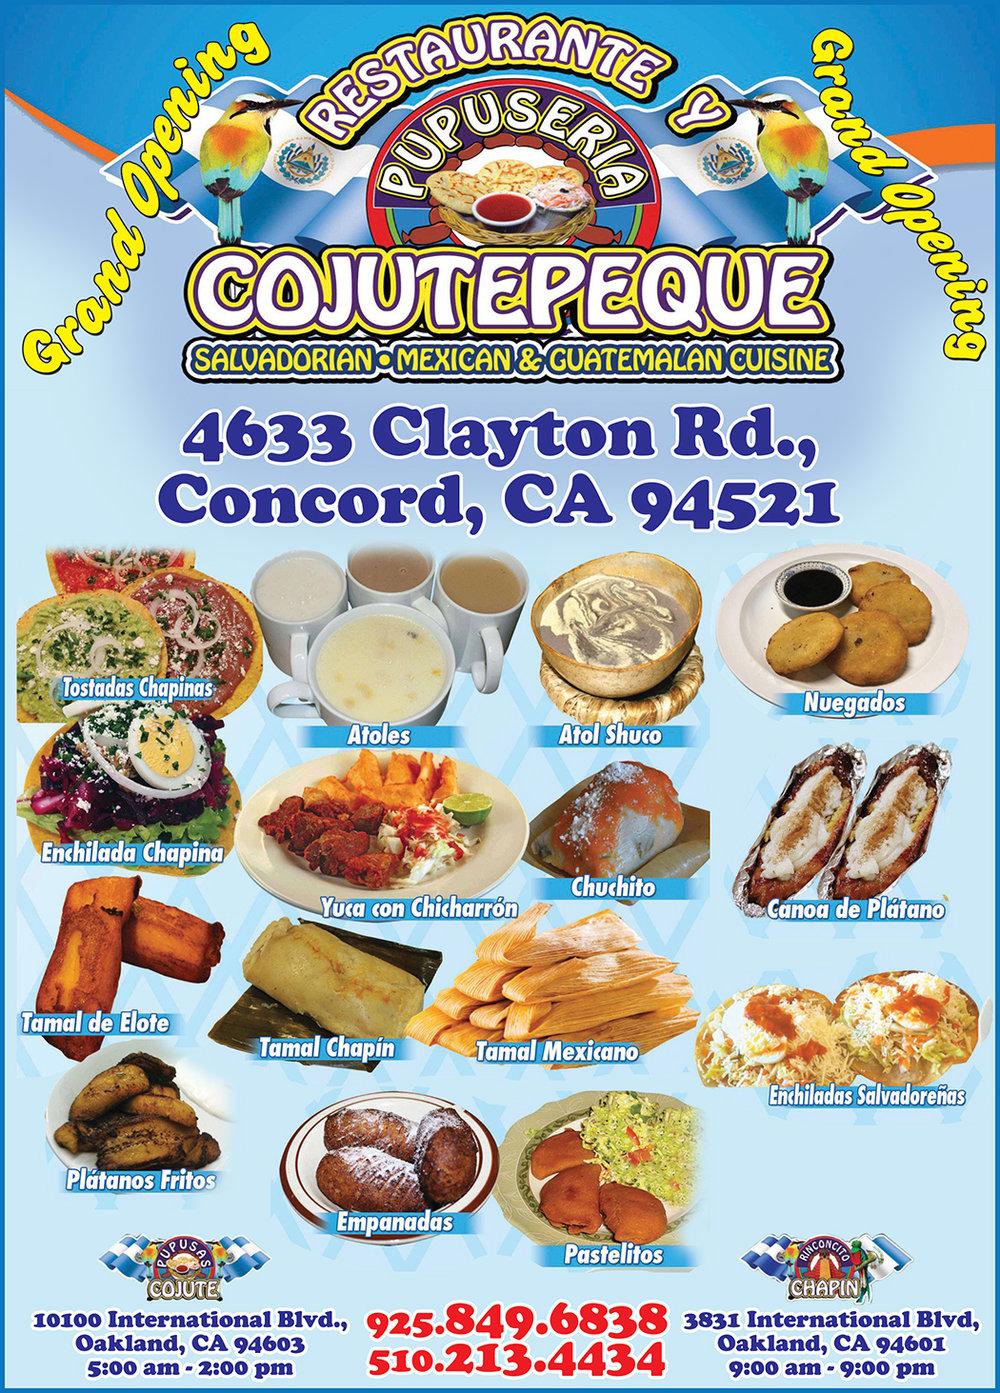 Restaurante y Pupuseria Cojutepeque 1 Pag OCTUBRE 2017.jpg